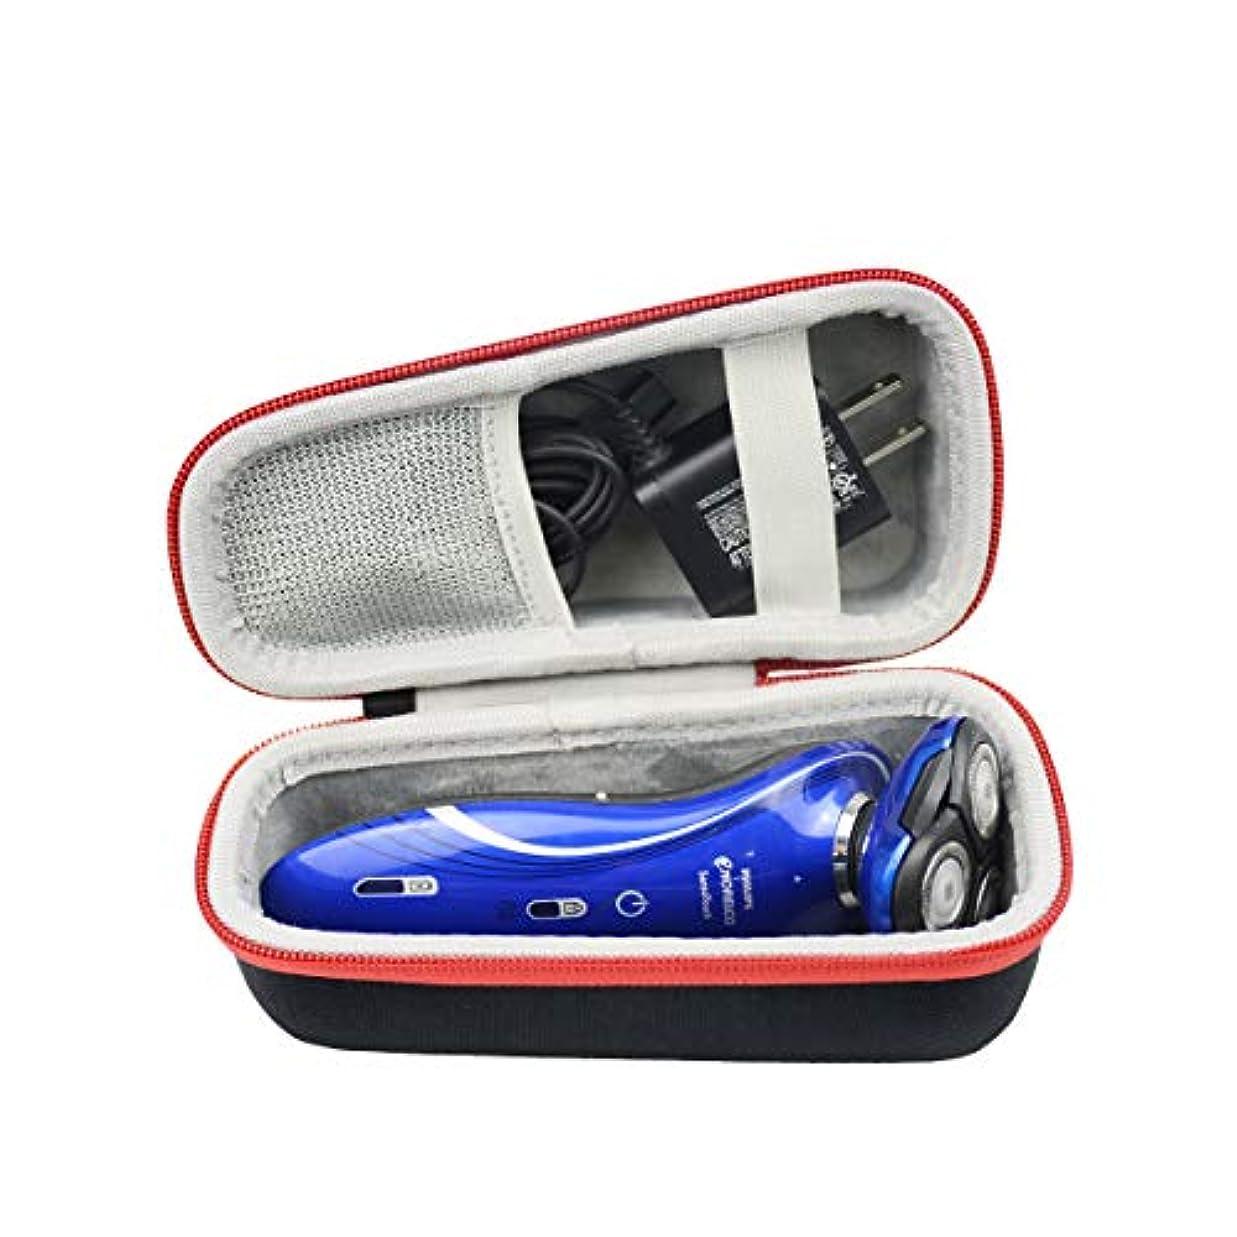 する必要がある装置リスト専用旅行収納 フィリップス メンズシェーバー 5000シリーズ S5390/26 S5390/12 S5397/12 S5076/06 S5212/12 S5272/12 S5251/12 S5075/06 S5050/...